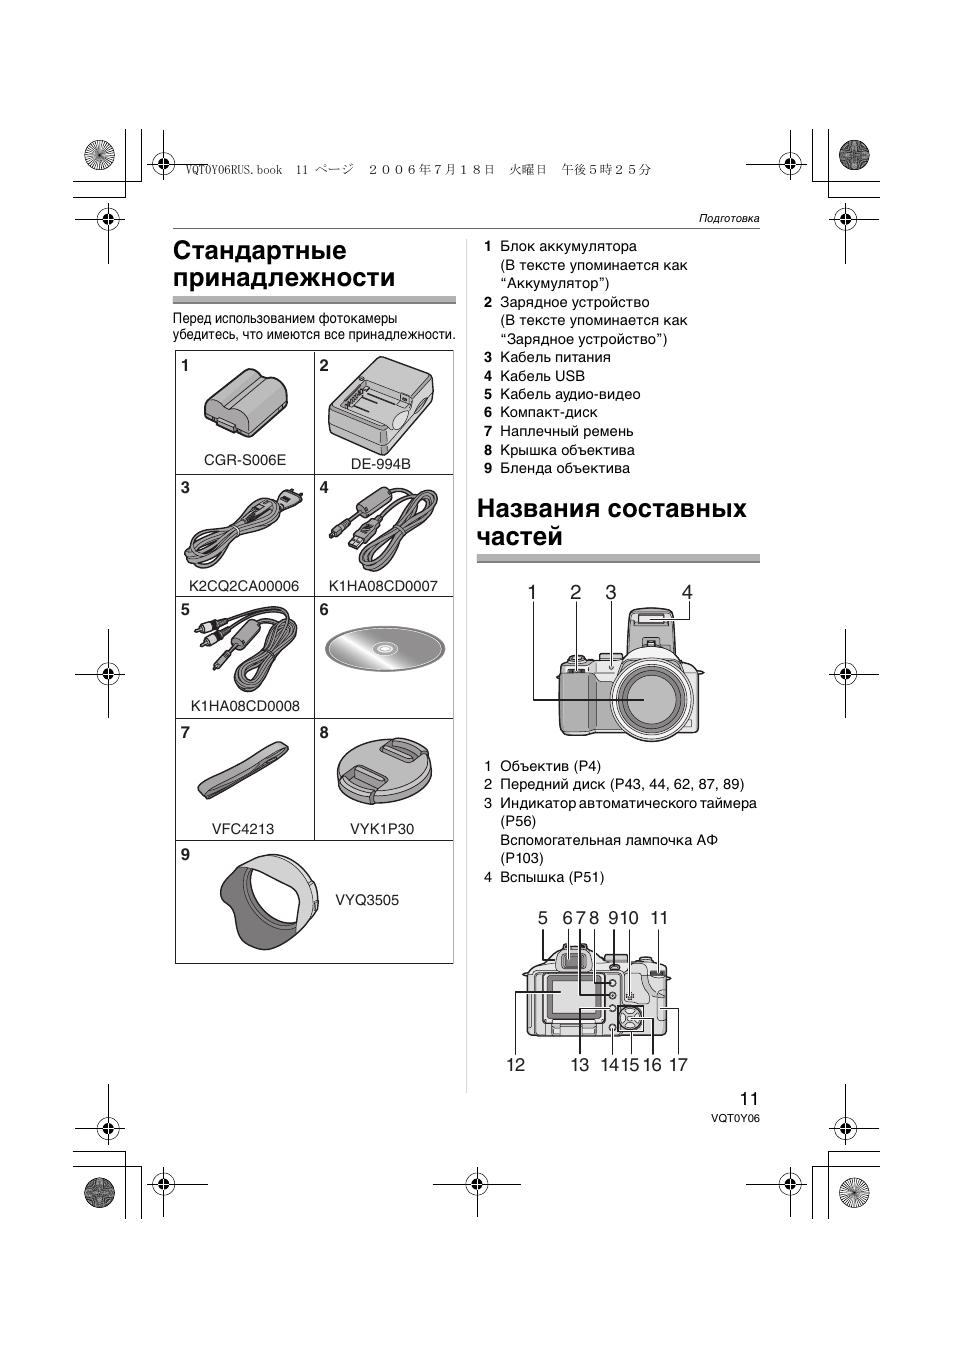 Стандартные принадлежности, Названия составных частей